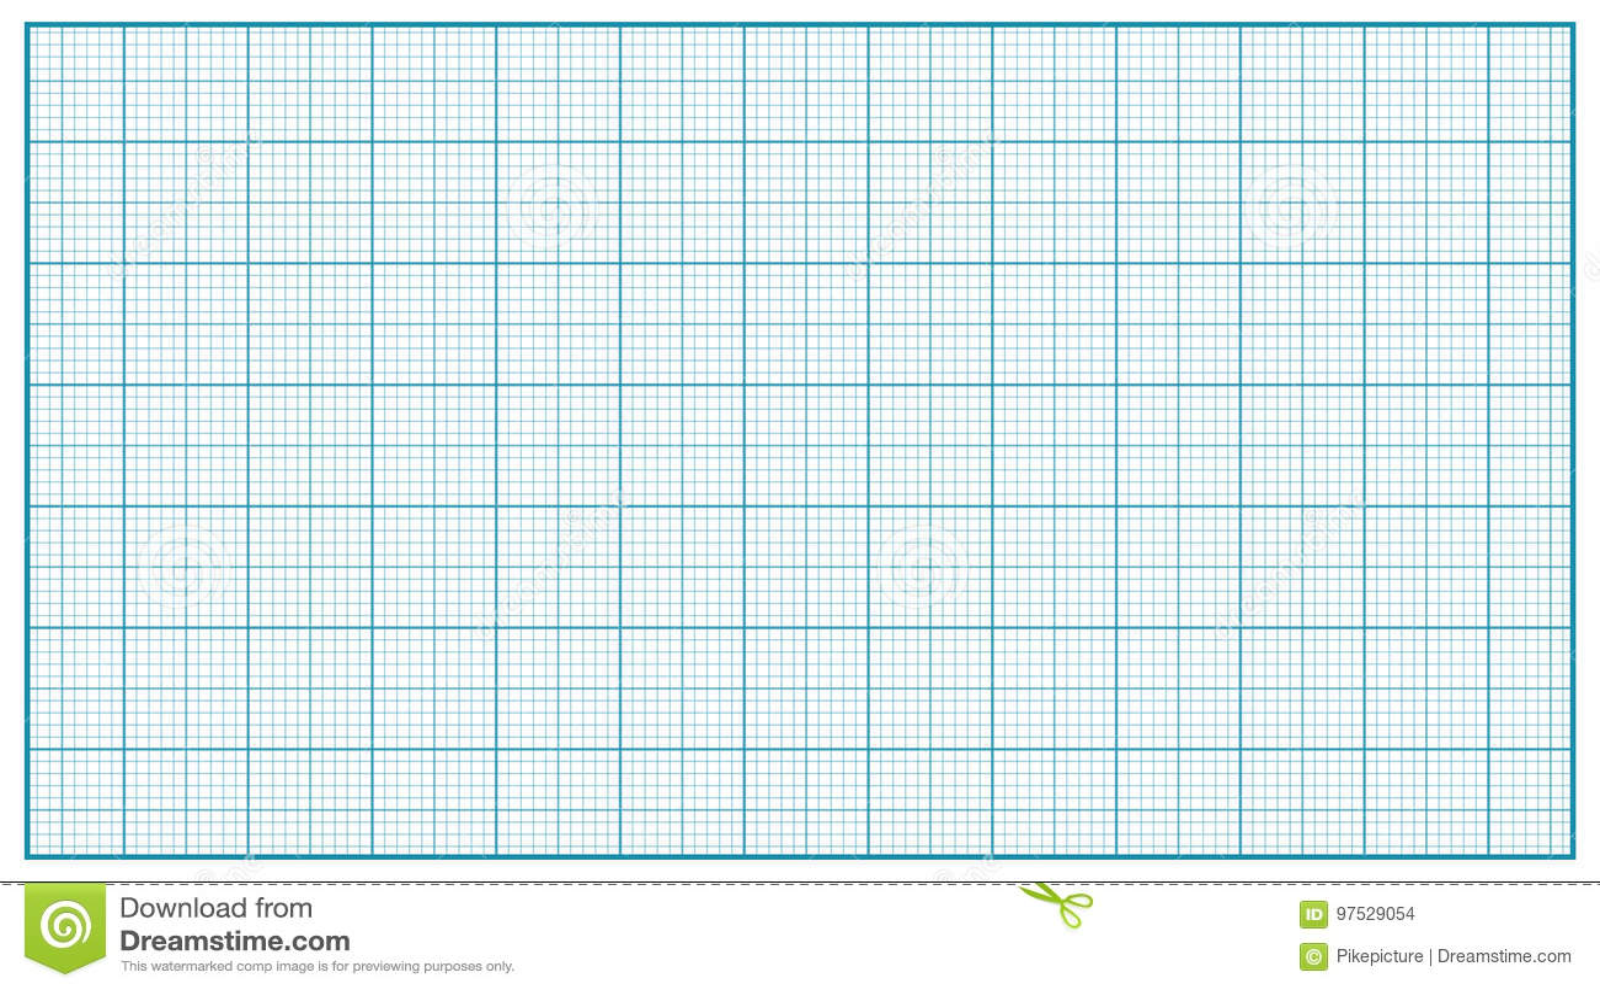 Διάνυσμα εγγράφου χιλιοστόμετρου βακκινίων Δίνοντας με γραφική παράσταση το έγγραφο για την εκπαίδευση, που σύρει τα προγράμματα